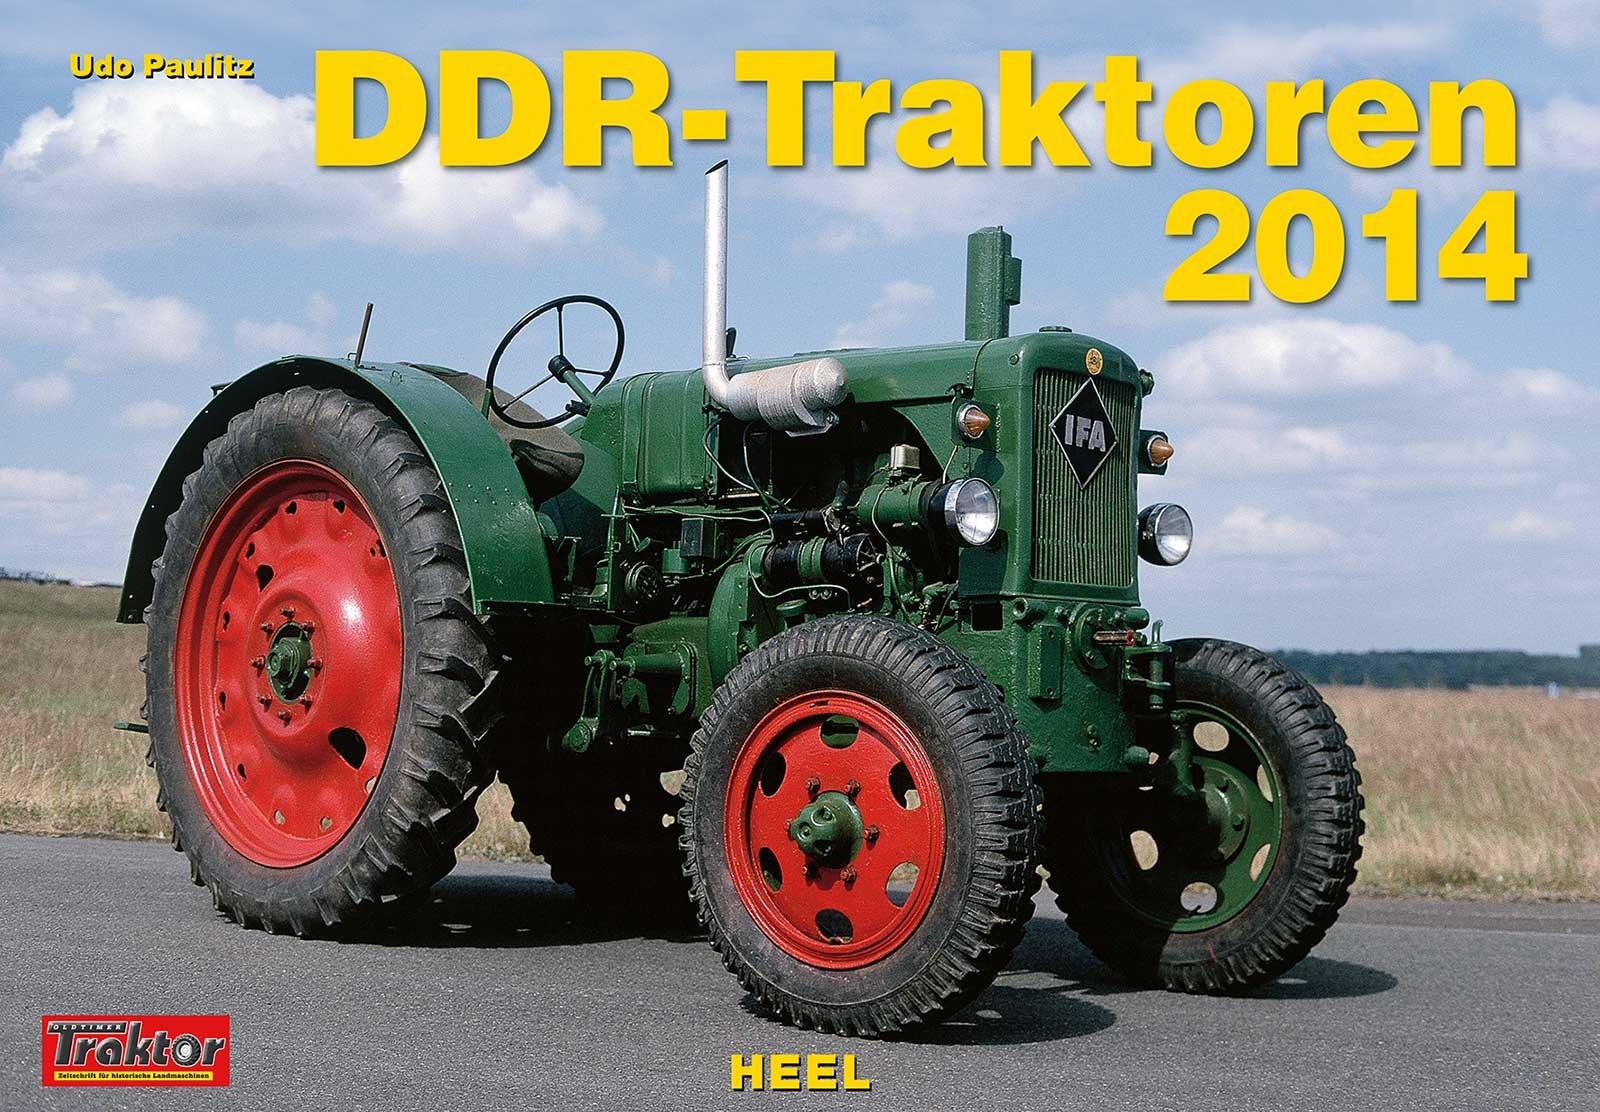 DDR Traktoren 2014